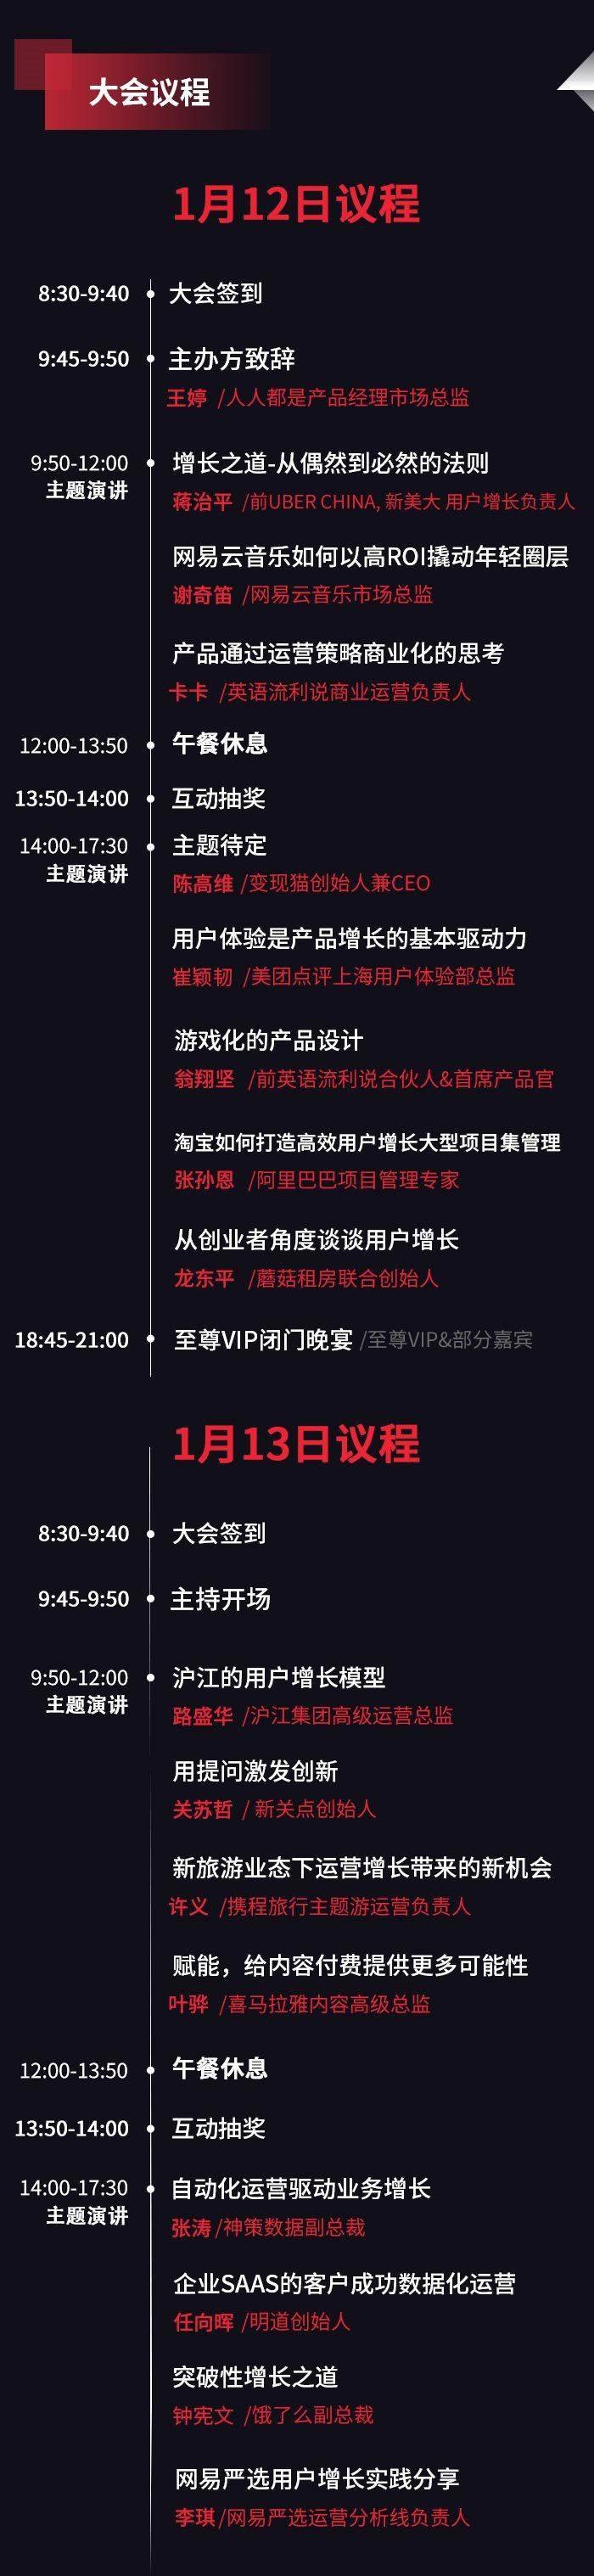 上海议程.jpg